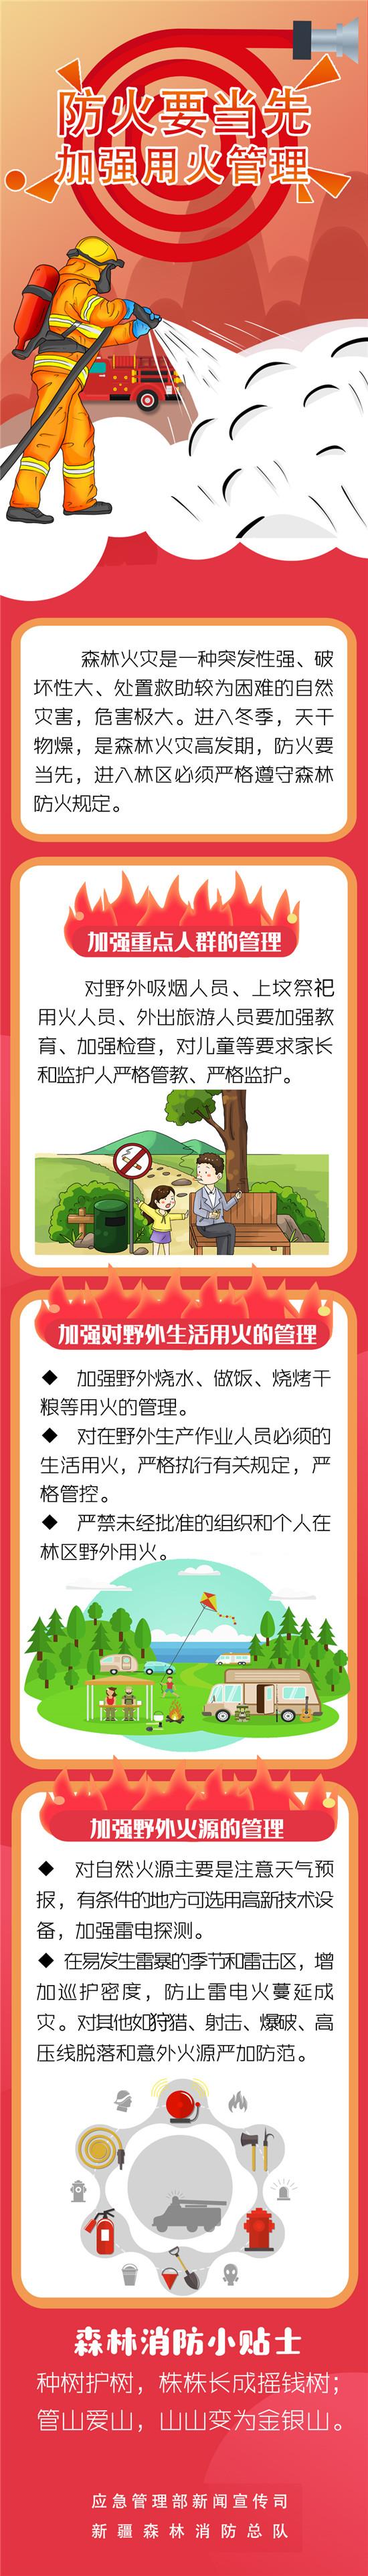 圖解:防火要當先,加強用火管理